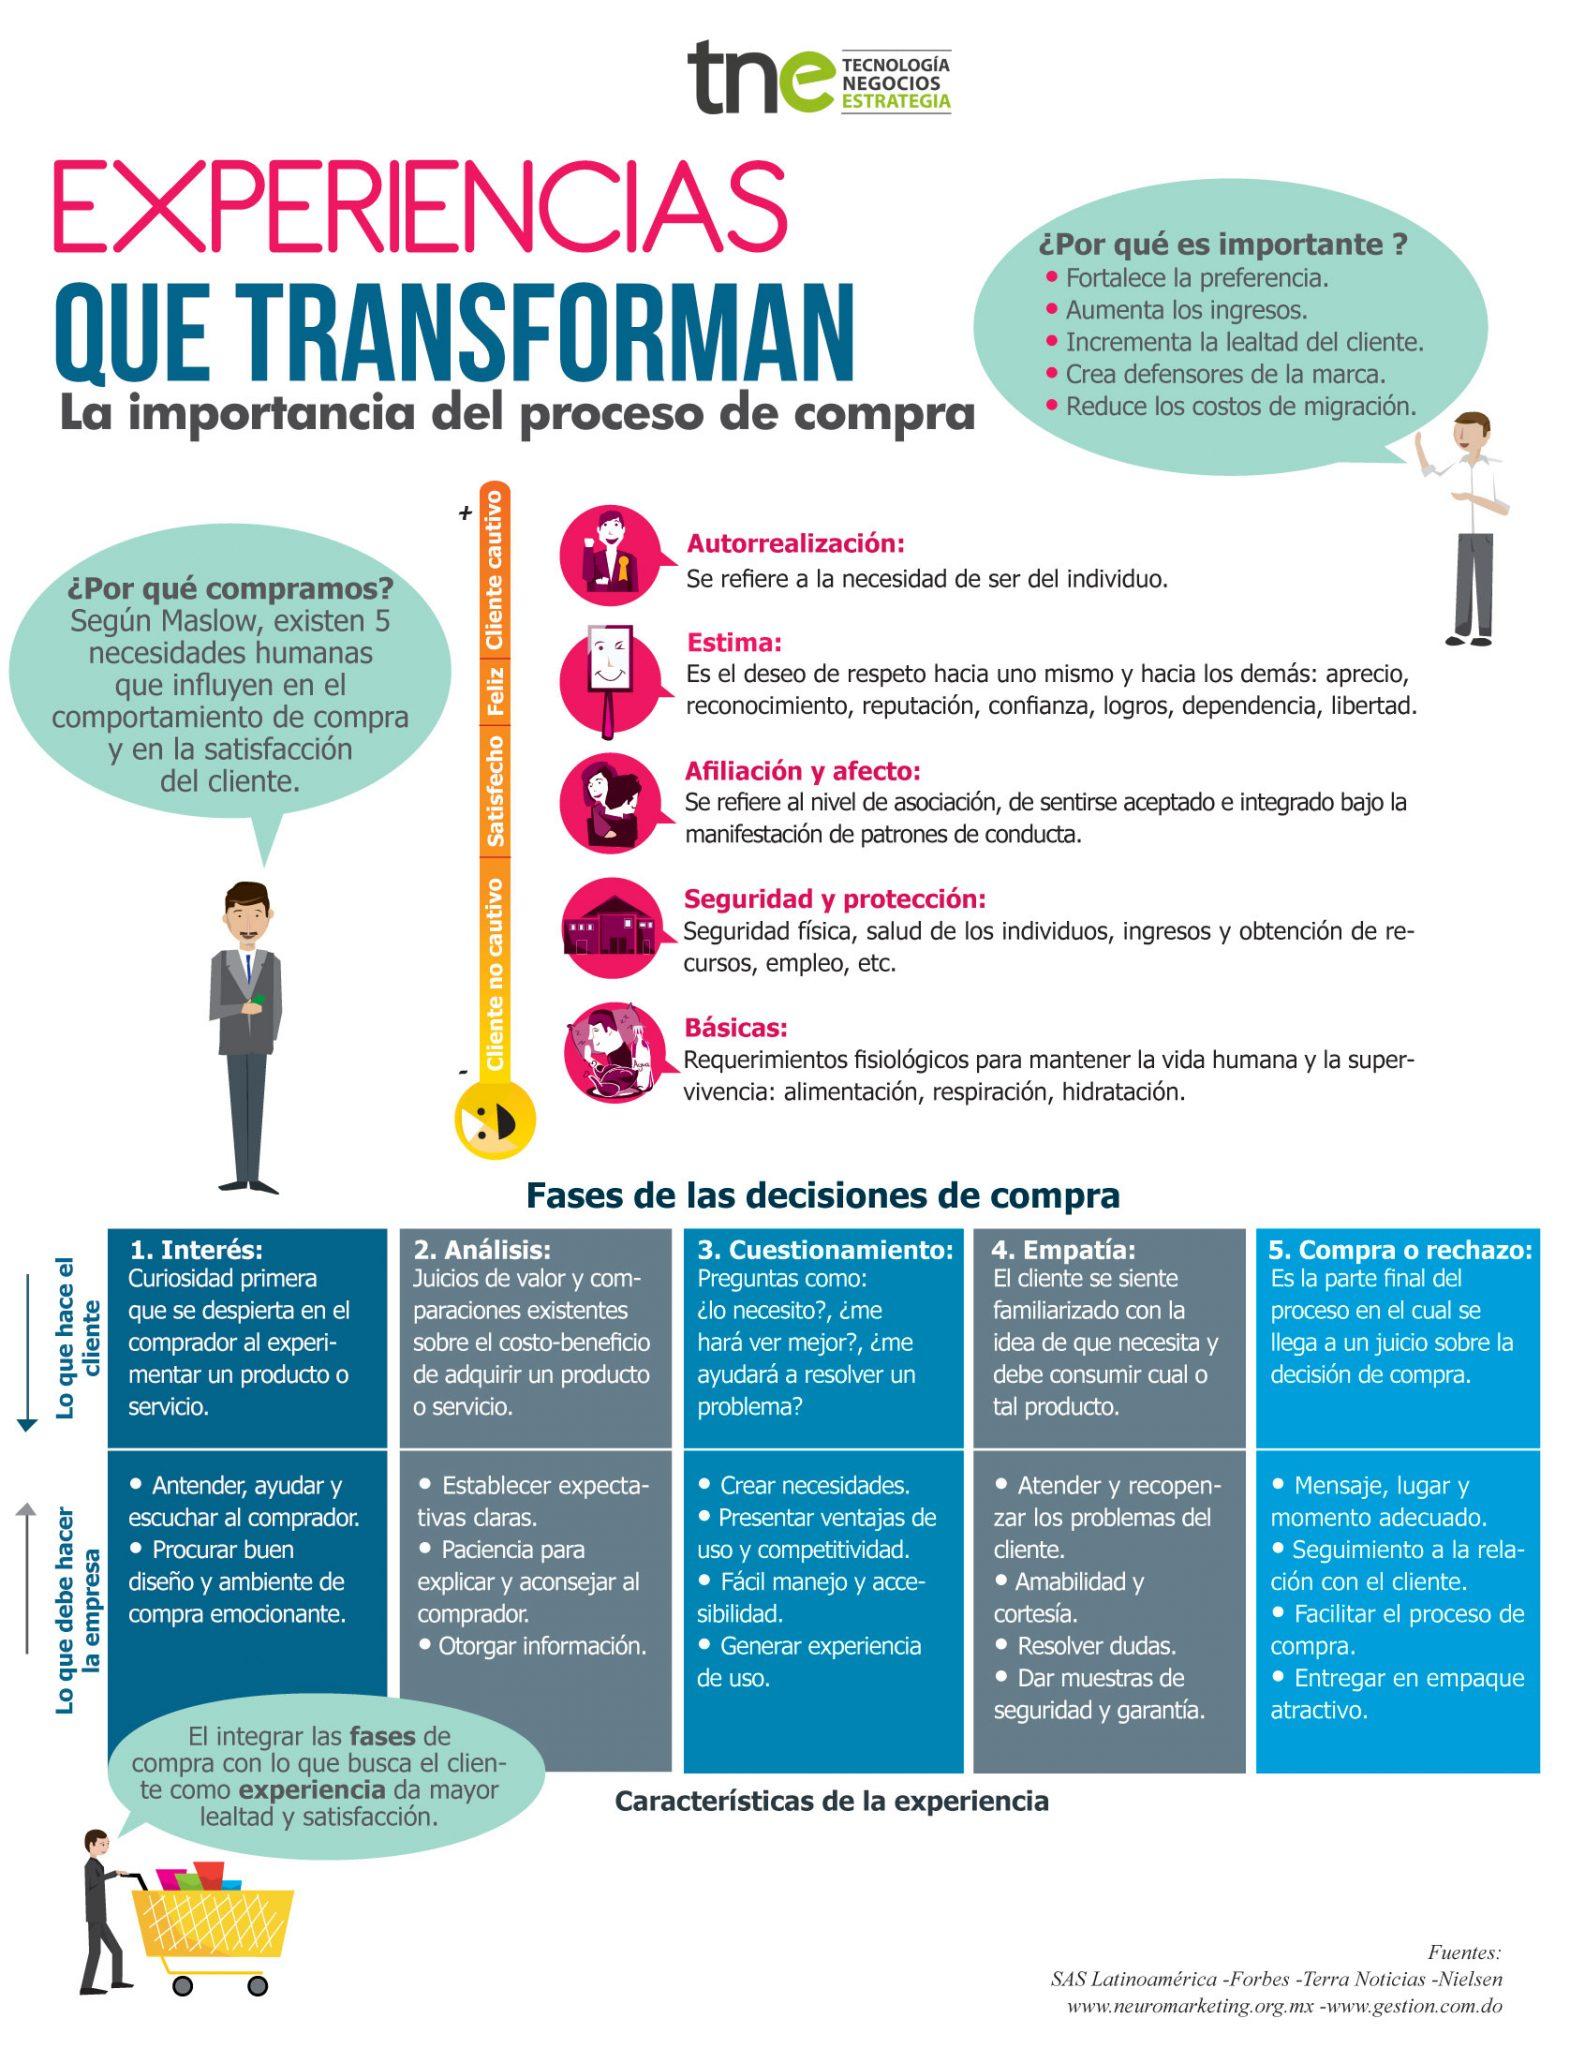 EXPEERIANCIAS-QUE-TRANSFORMAN